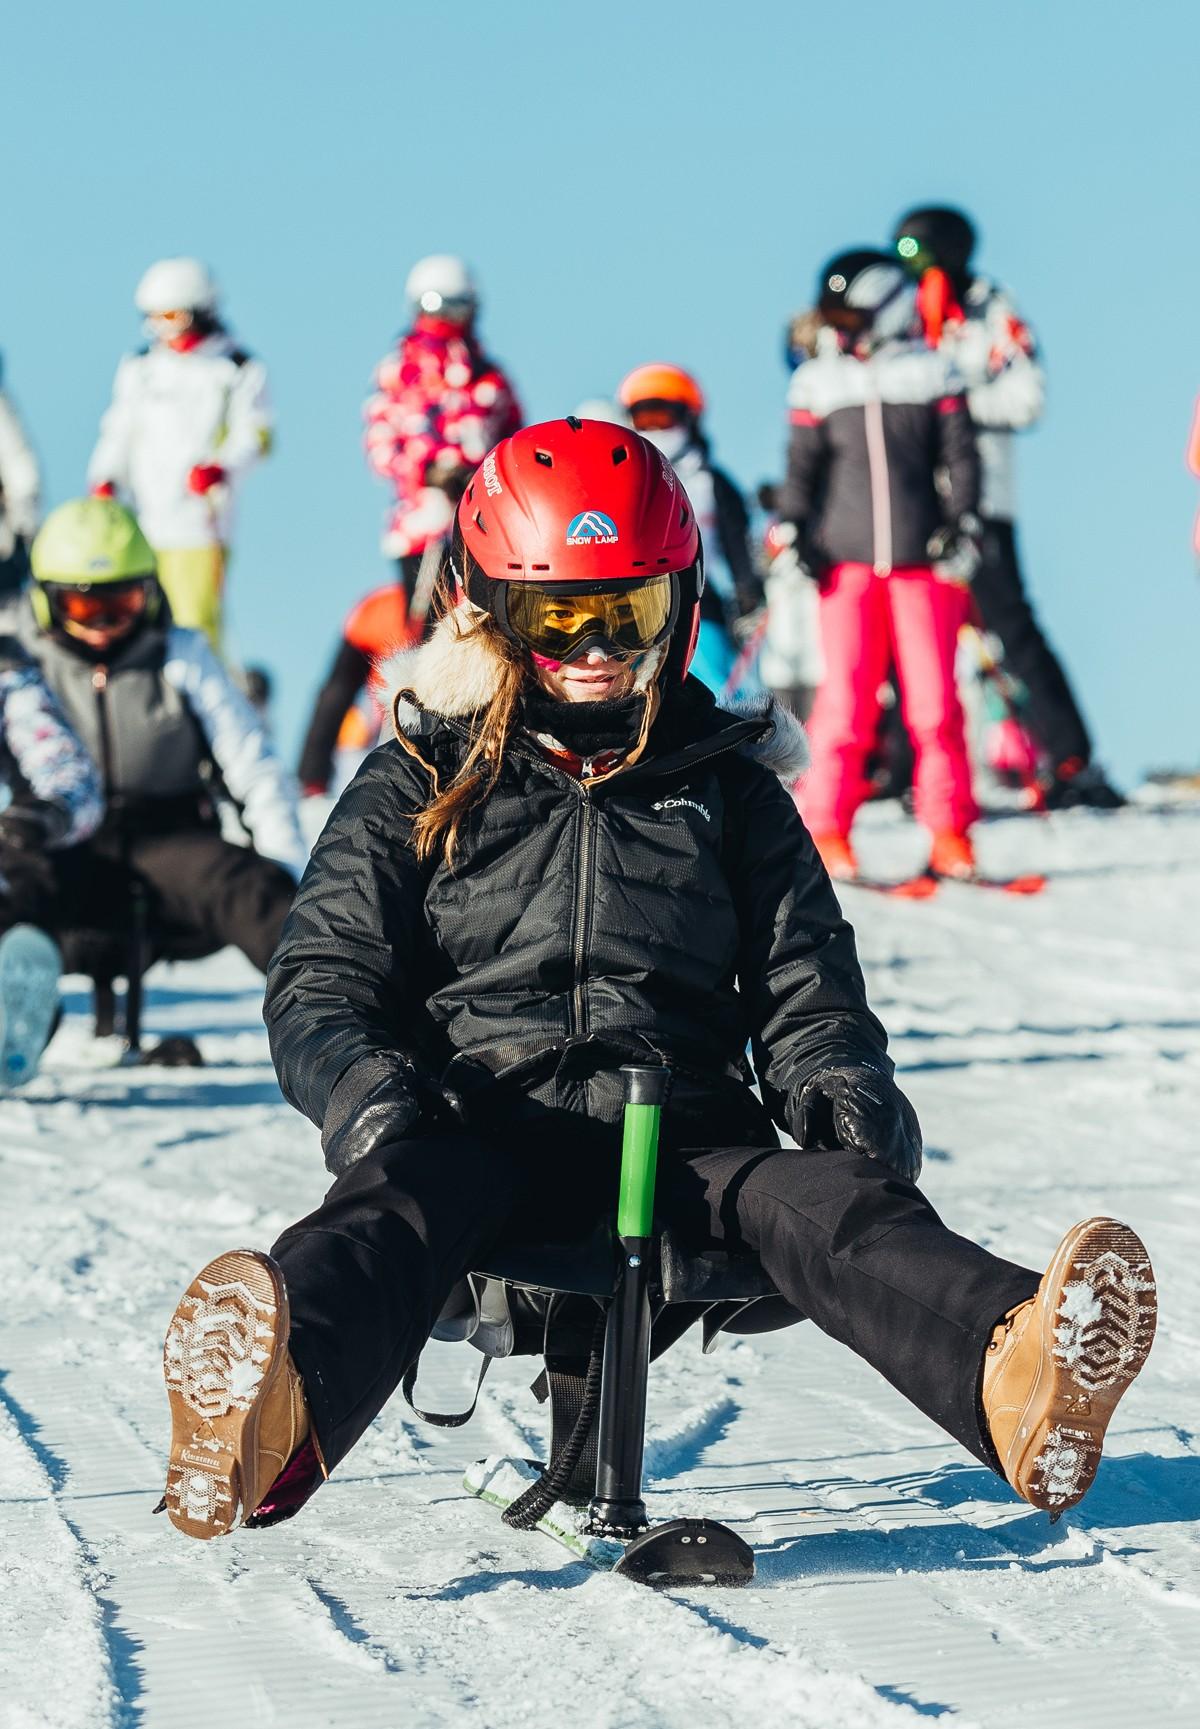 Chamrousse snooc activité glisse station ski isère alpes france